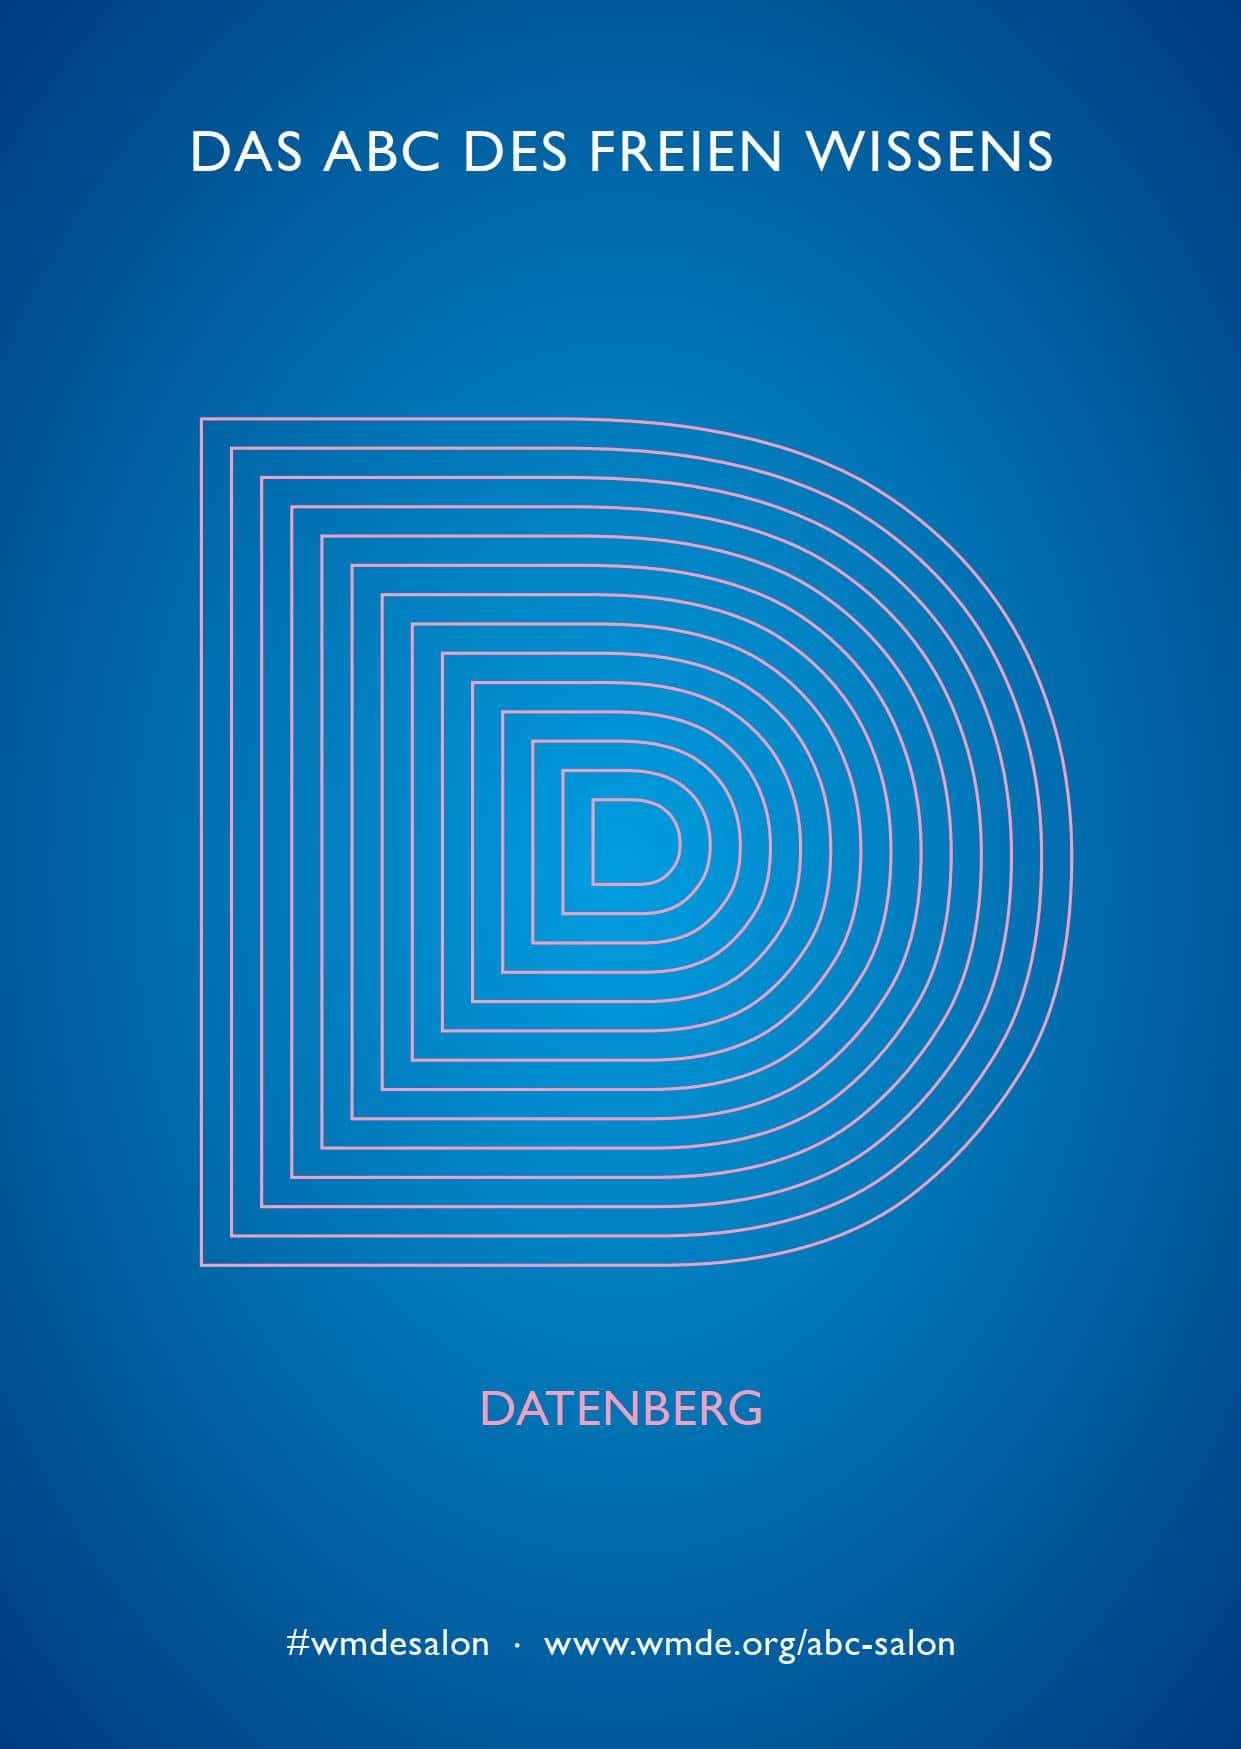 Grafische Darstellung des Buchstaben D